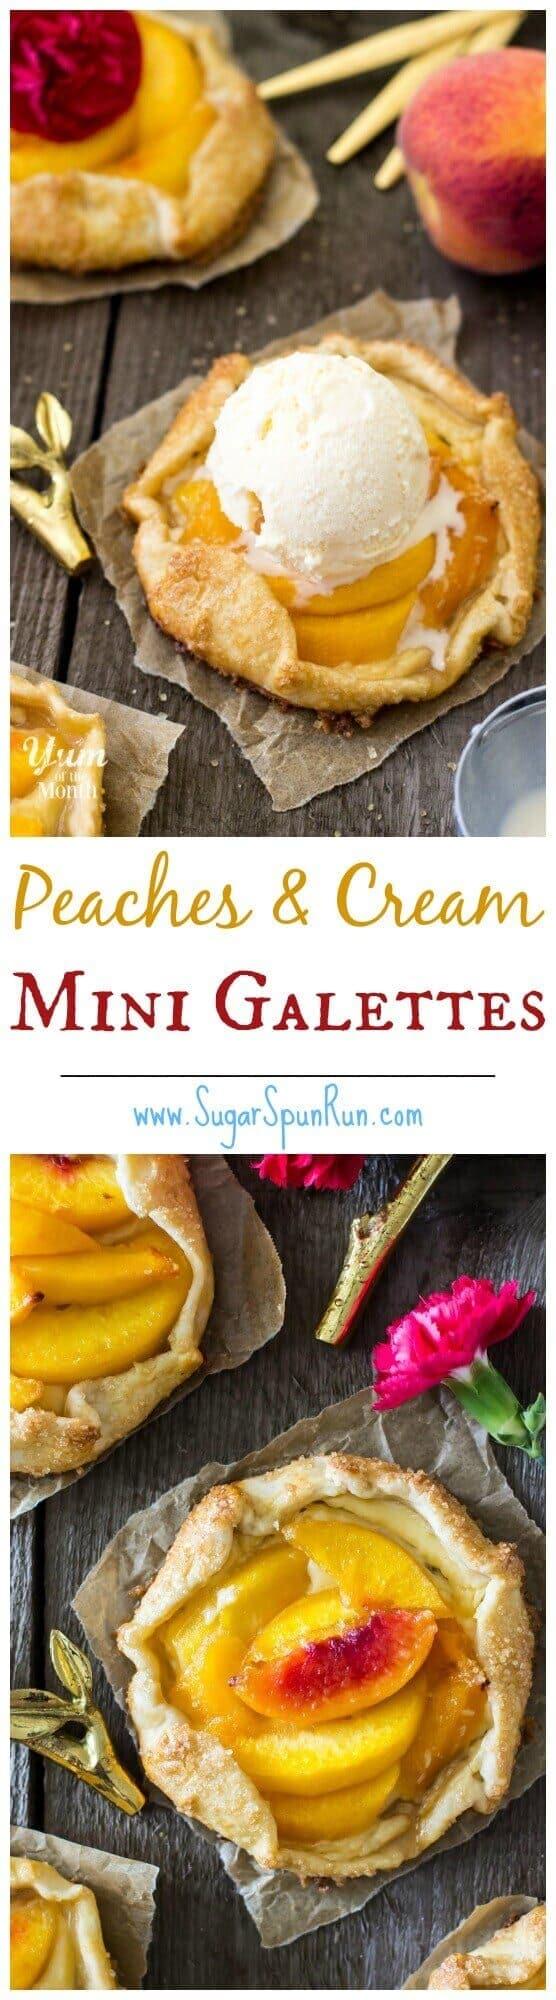 Mini Peaches & Cream Galettes - Sugar Spun Run